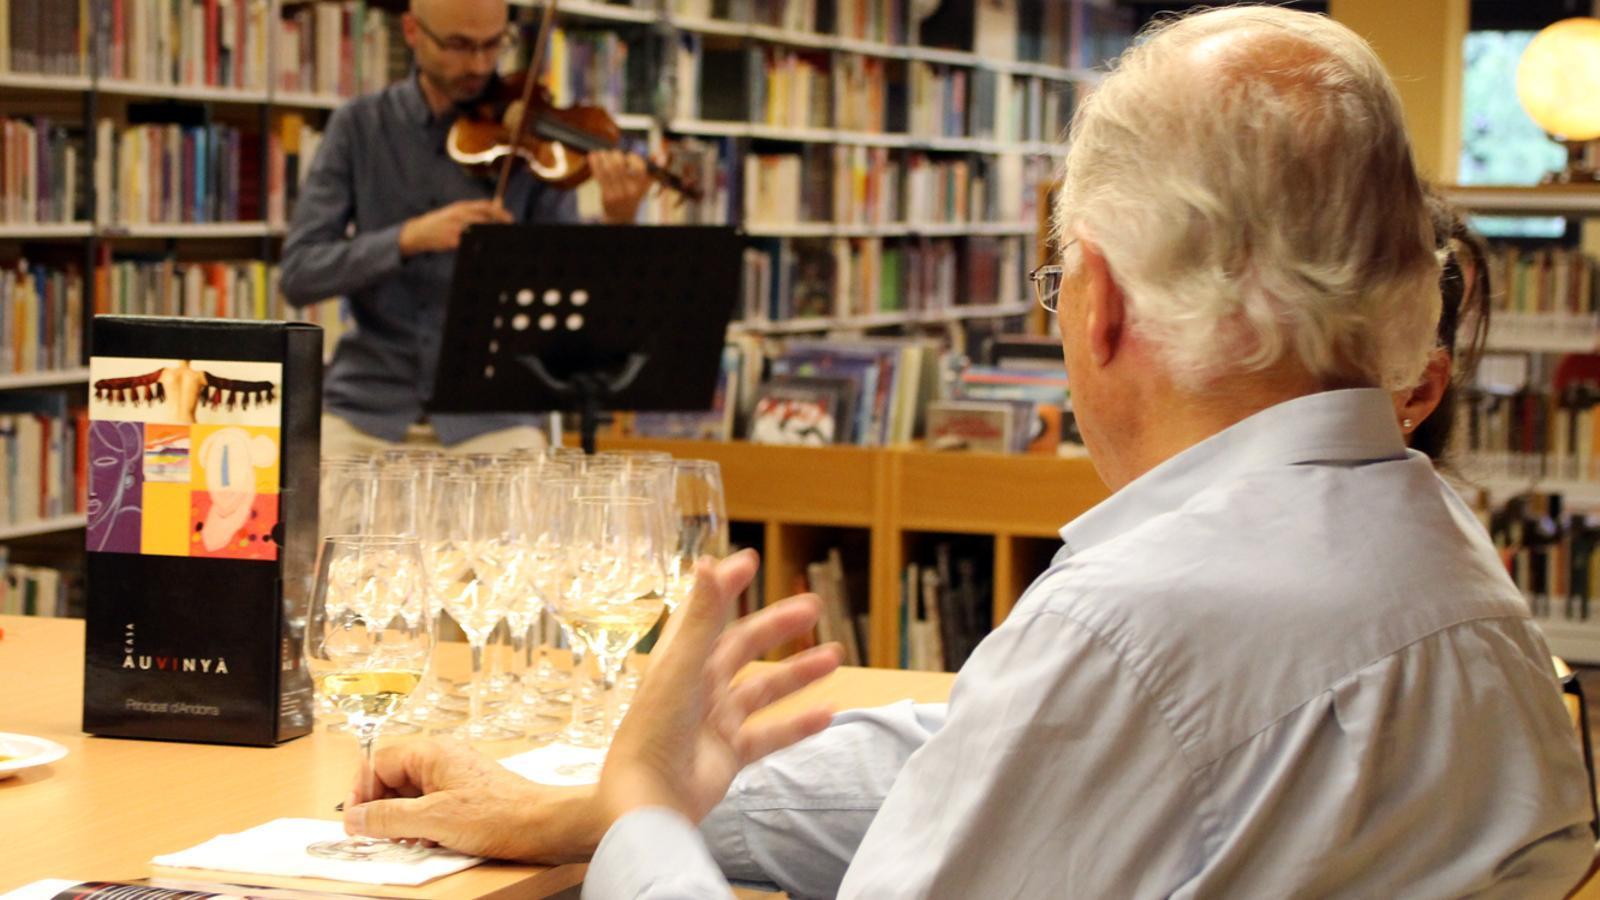 Moment de la cata dels vins de la Casa Auvinyà amb la música d'Alexandre Aràjol./ T. N. (ANA)